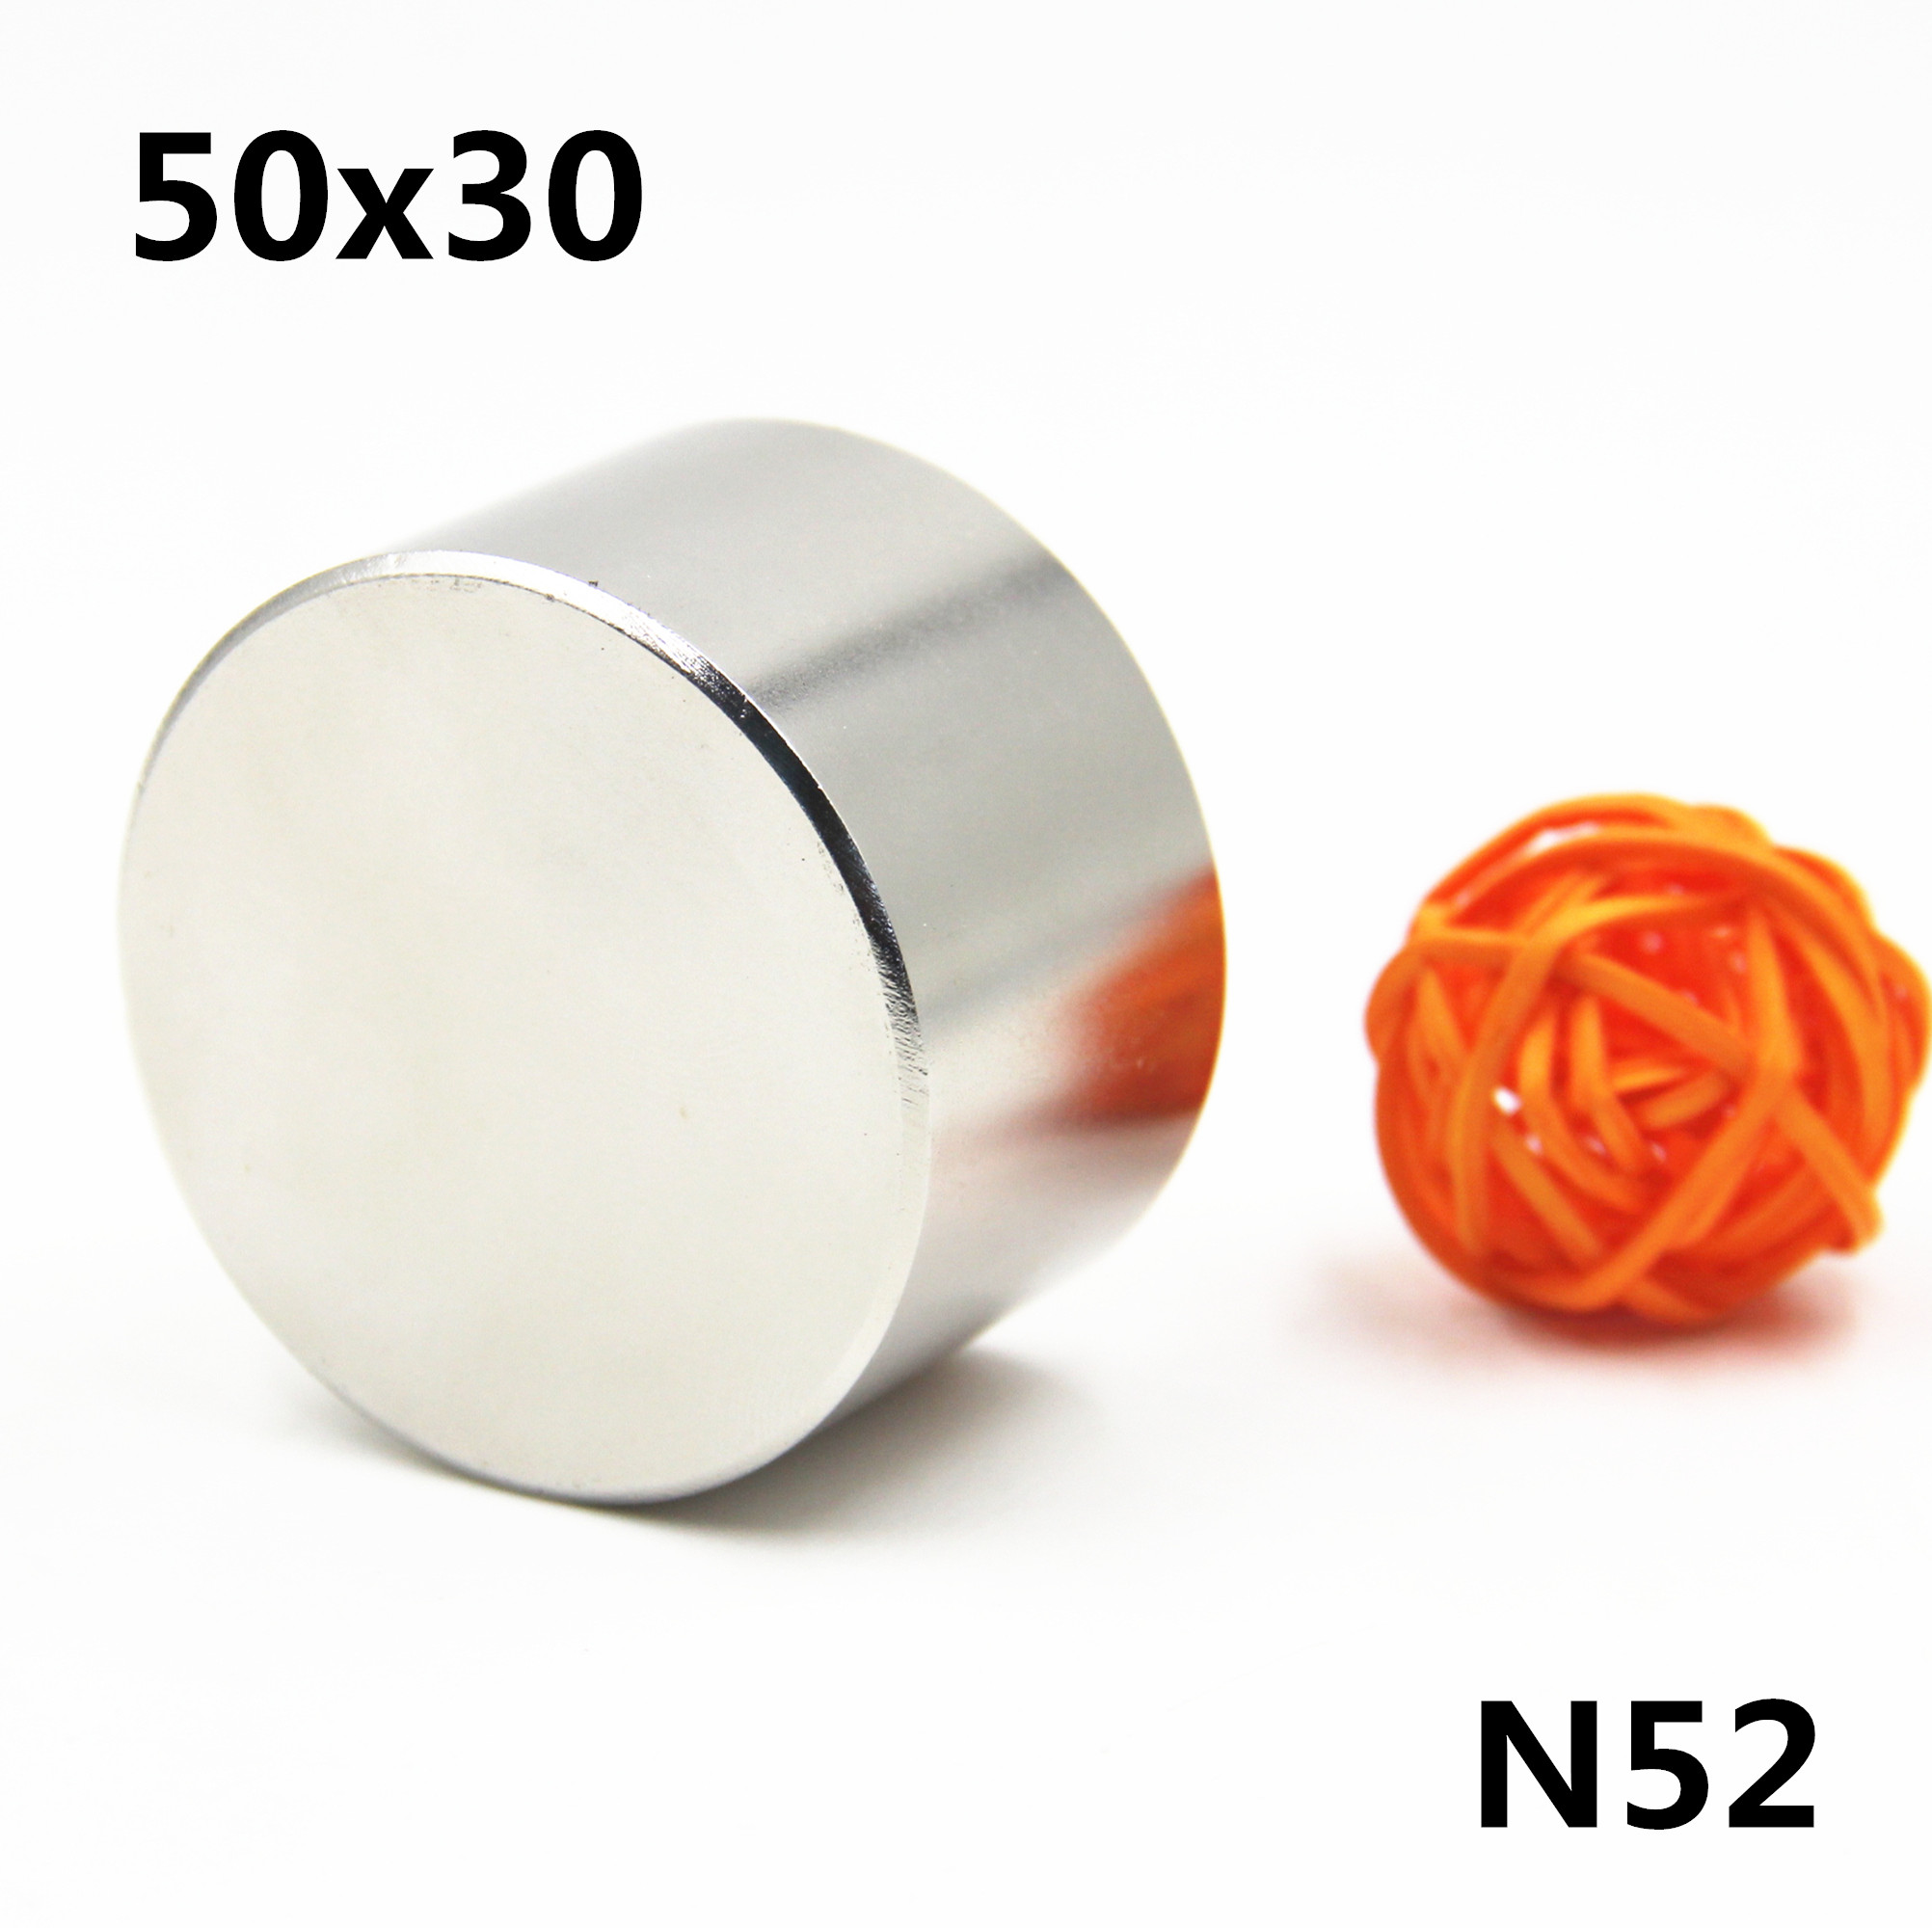 1 pçs/lote N52 Dia 50x30mm hot ímã redondo Forte ímãs Rare Earth Ímã De Neodímio 50x30 atacado quatro milímetros 50*30mm